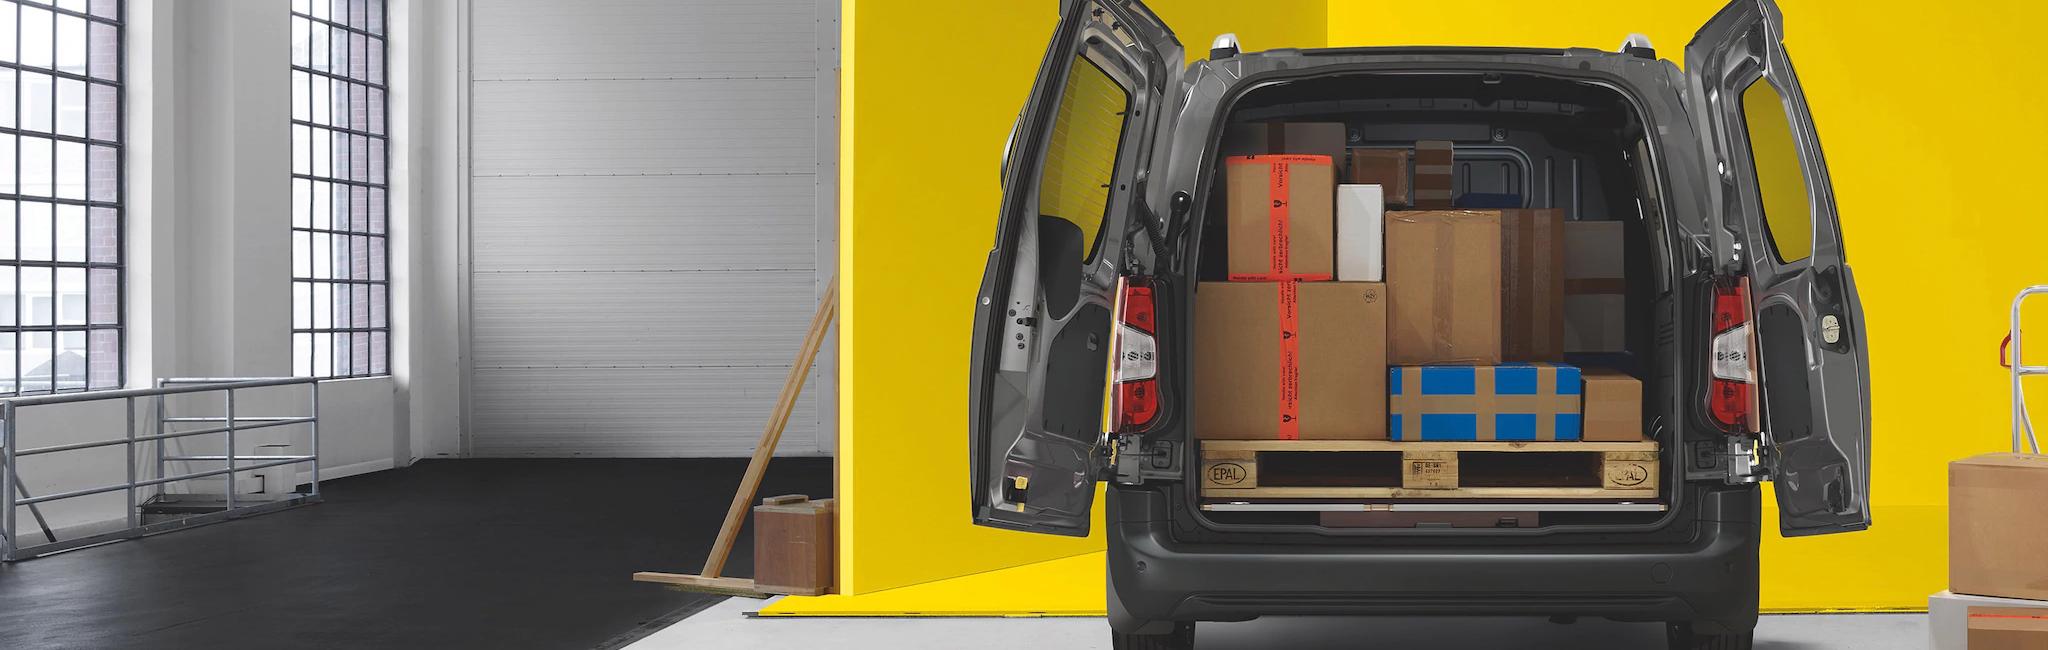 Opel_combo_cargo_space_21x9_cmc19_e01_003